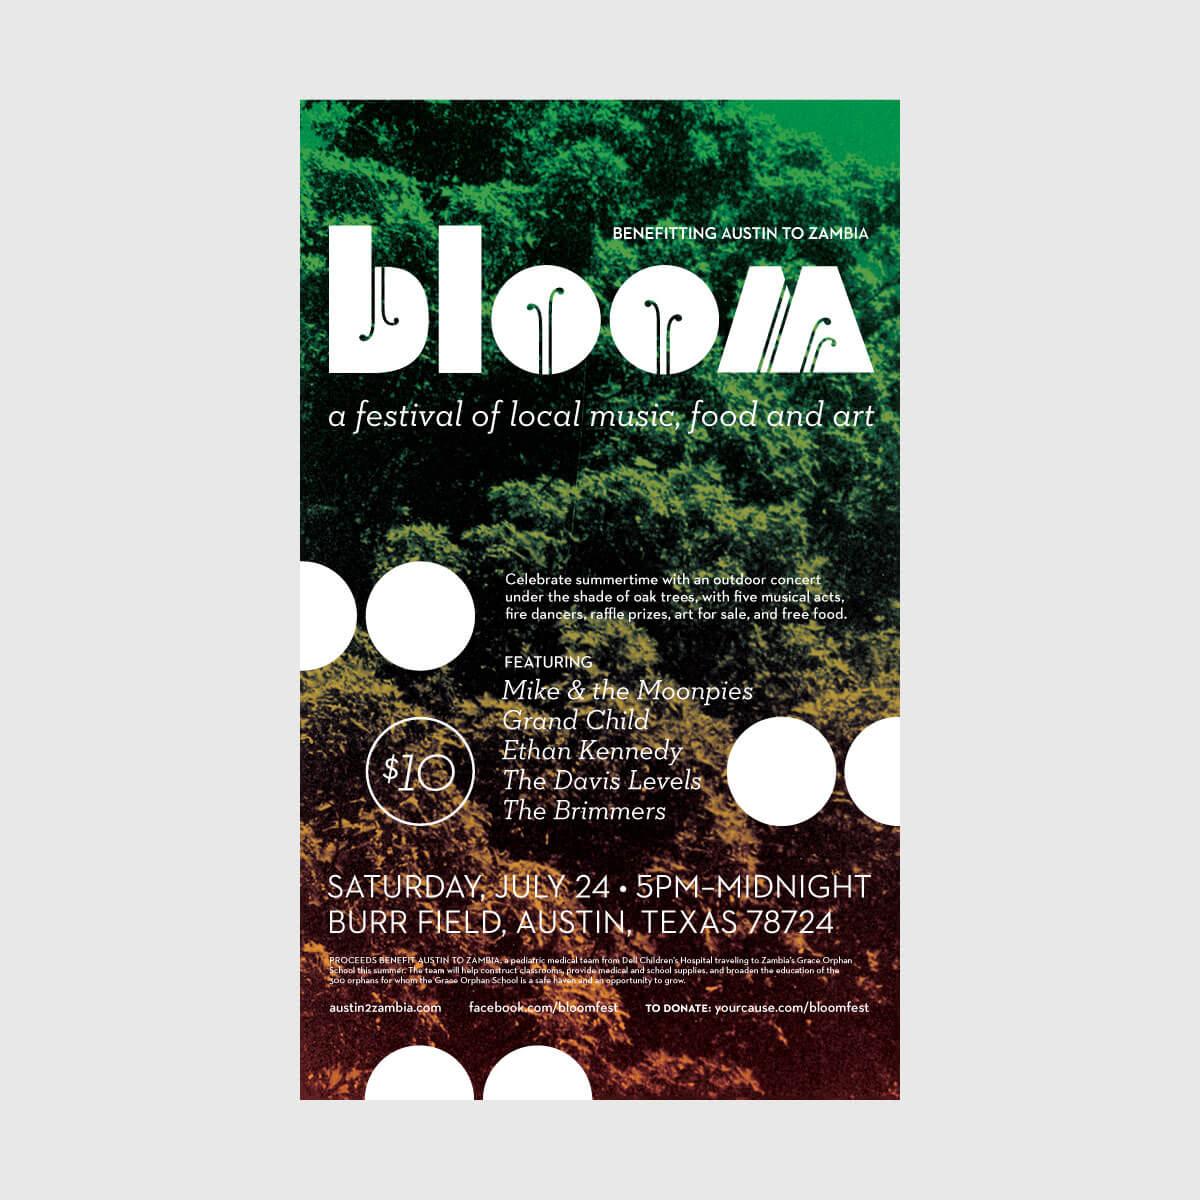 studio-malagon-bloom-festival-poster-full